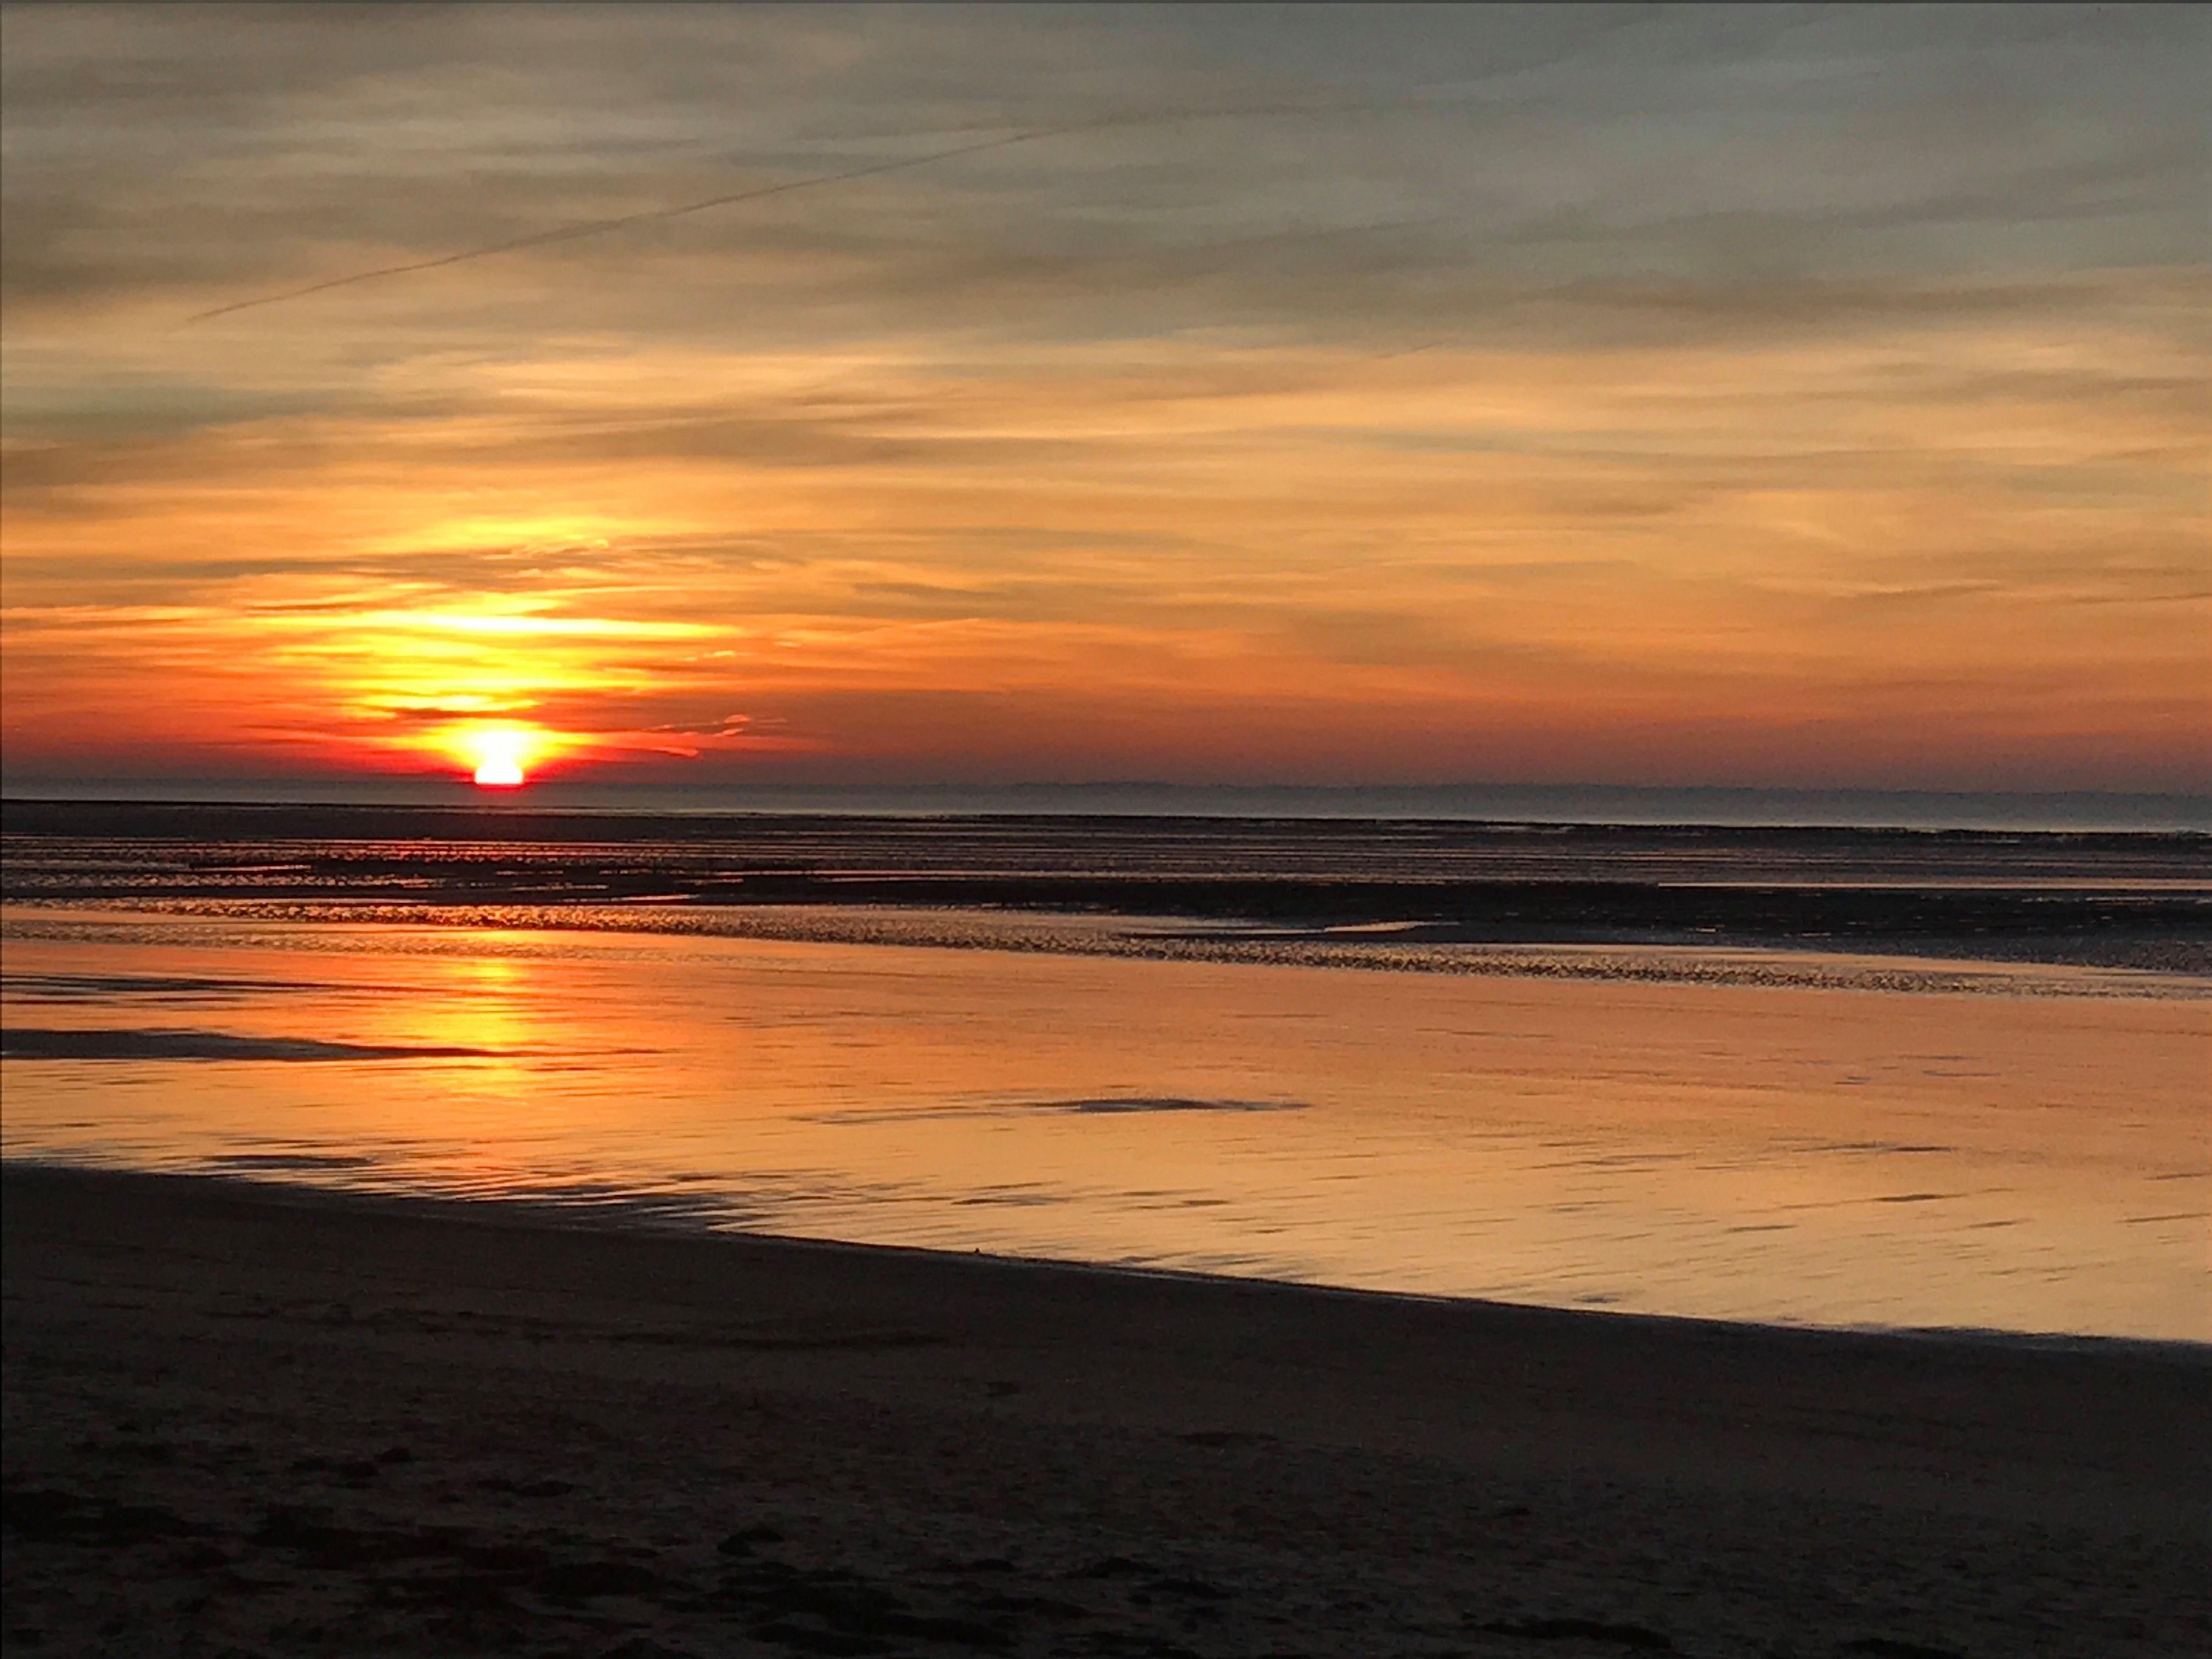 coucher de soleil sur le ruet